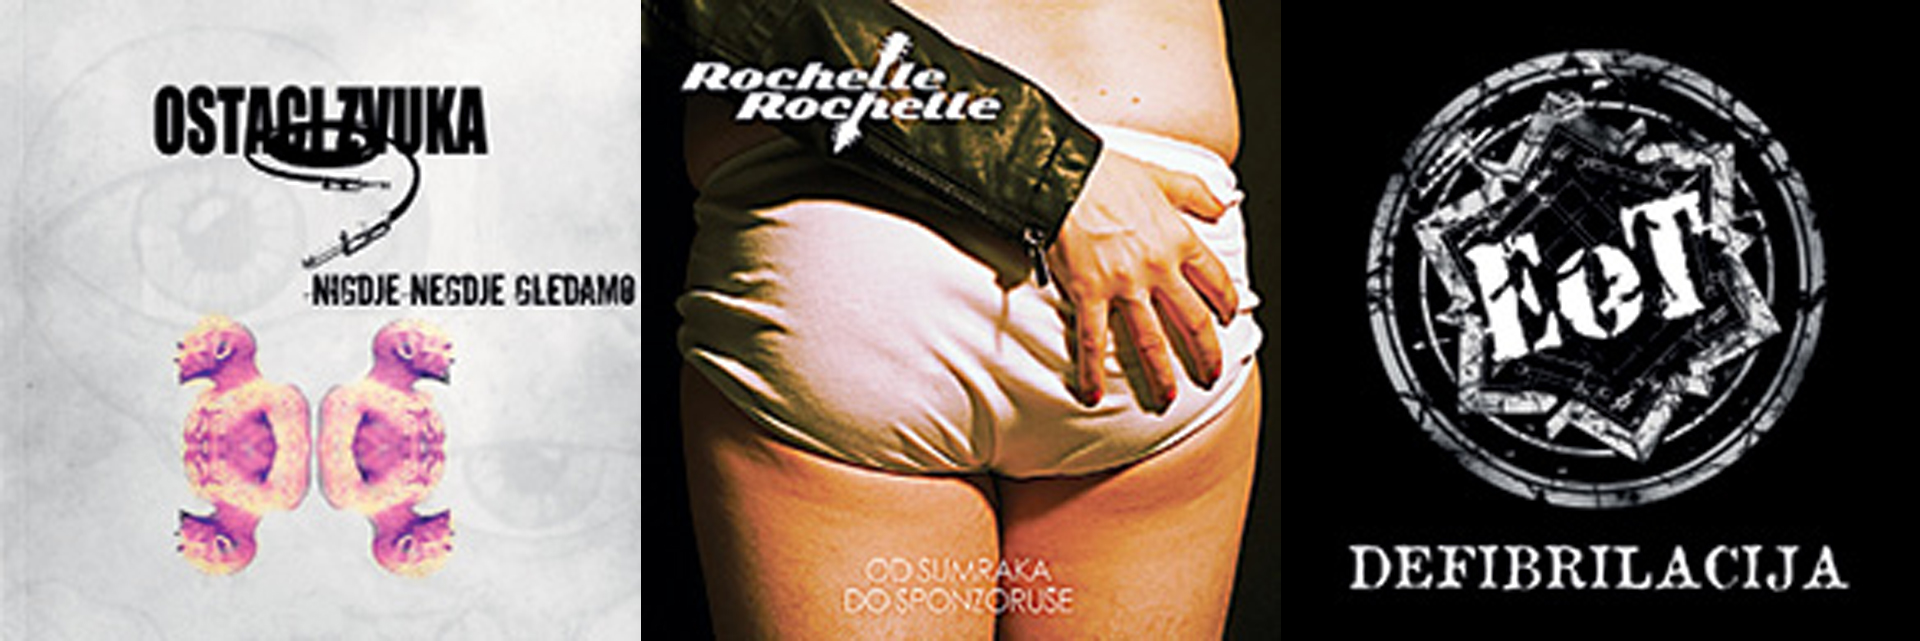 GLAZBENE RECENZIJE Ostaci zvuka, Rochelle Rochelle, EoT